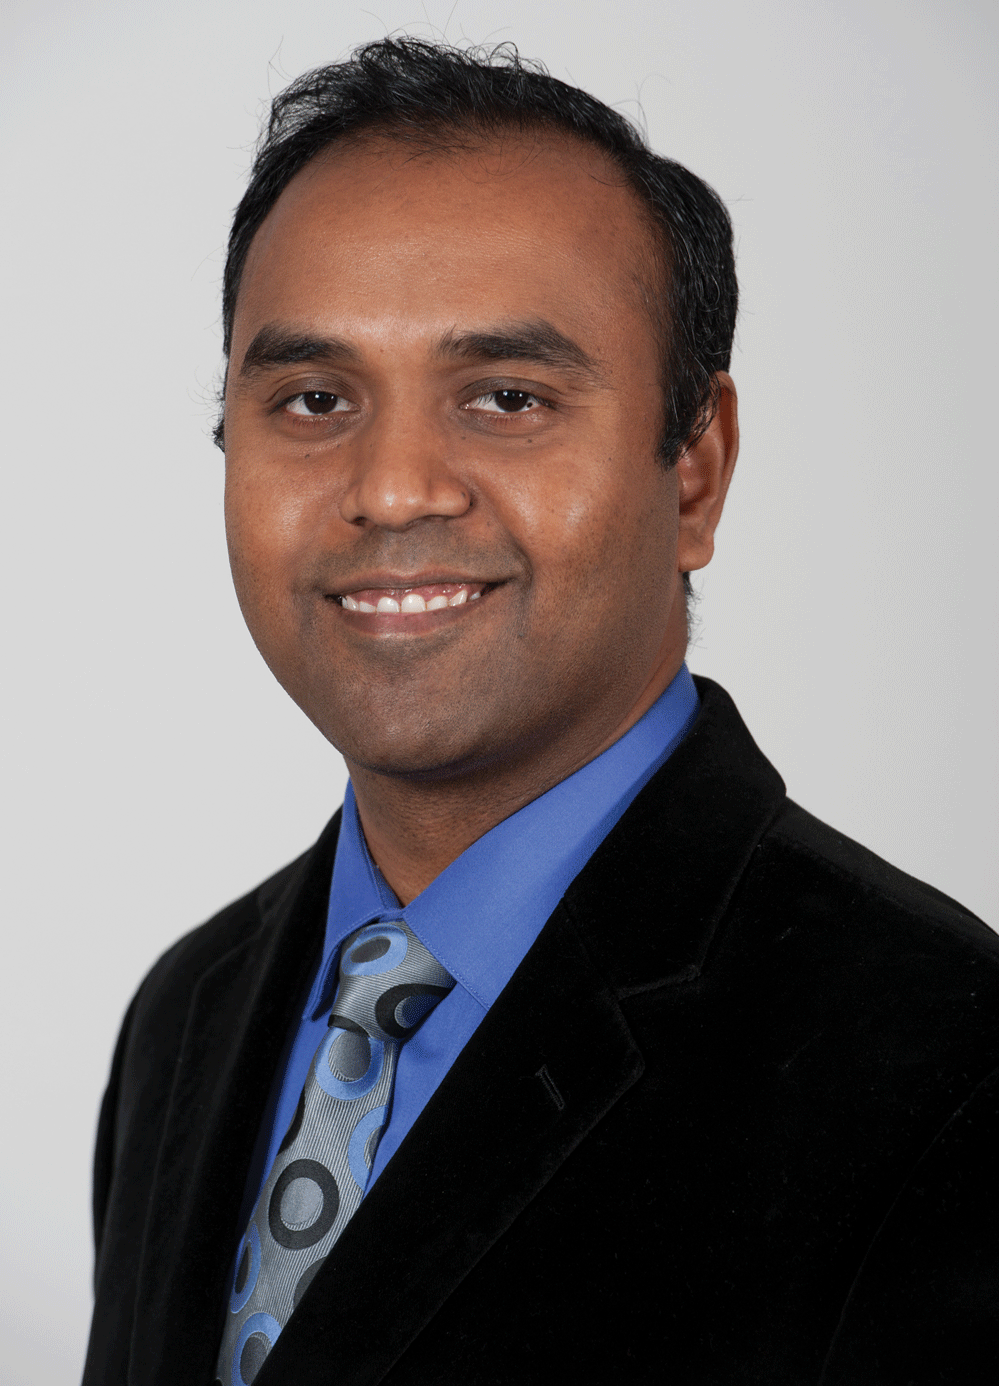 Avinash Dongare